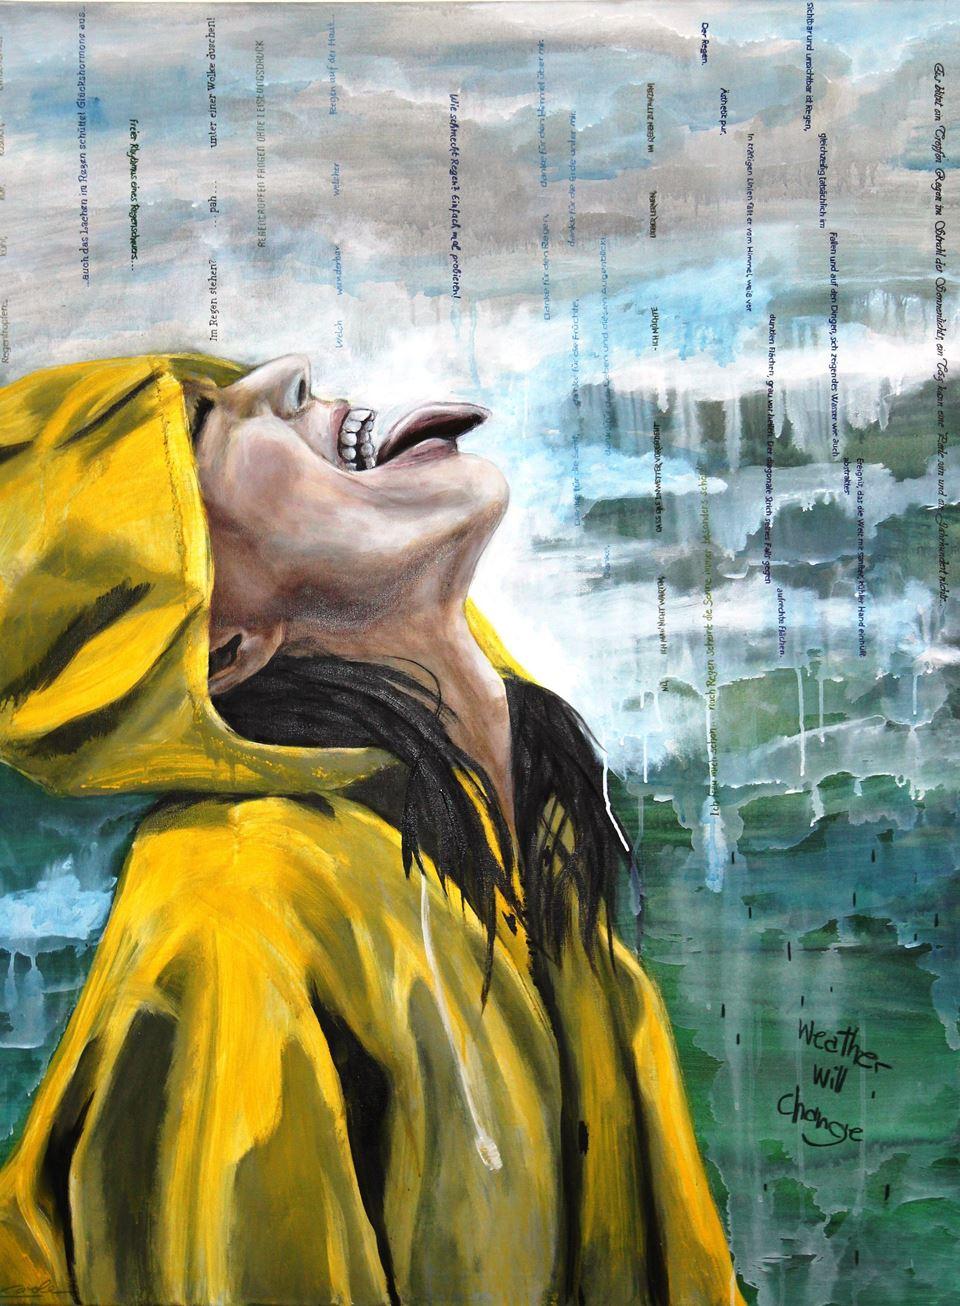 Regen ist Wasser von oben der Rest ist Einstellungssache